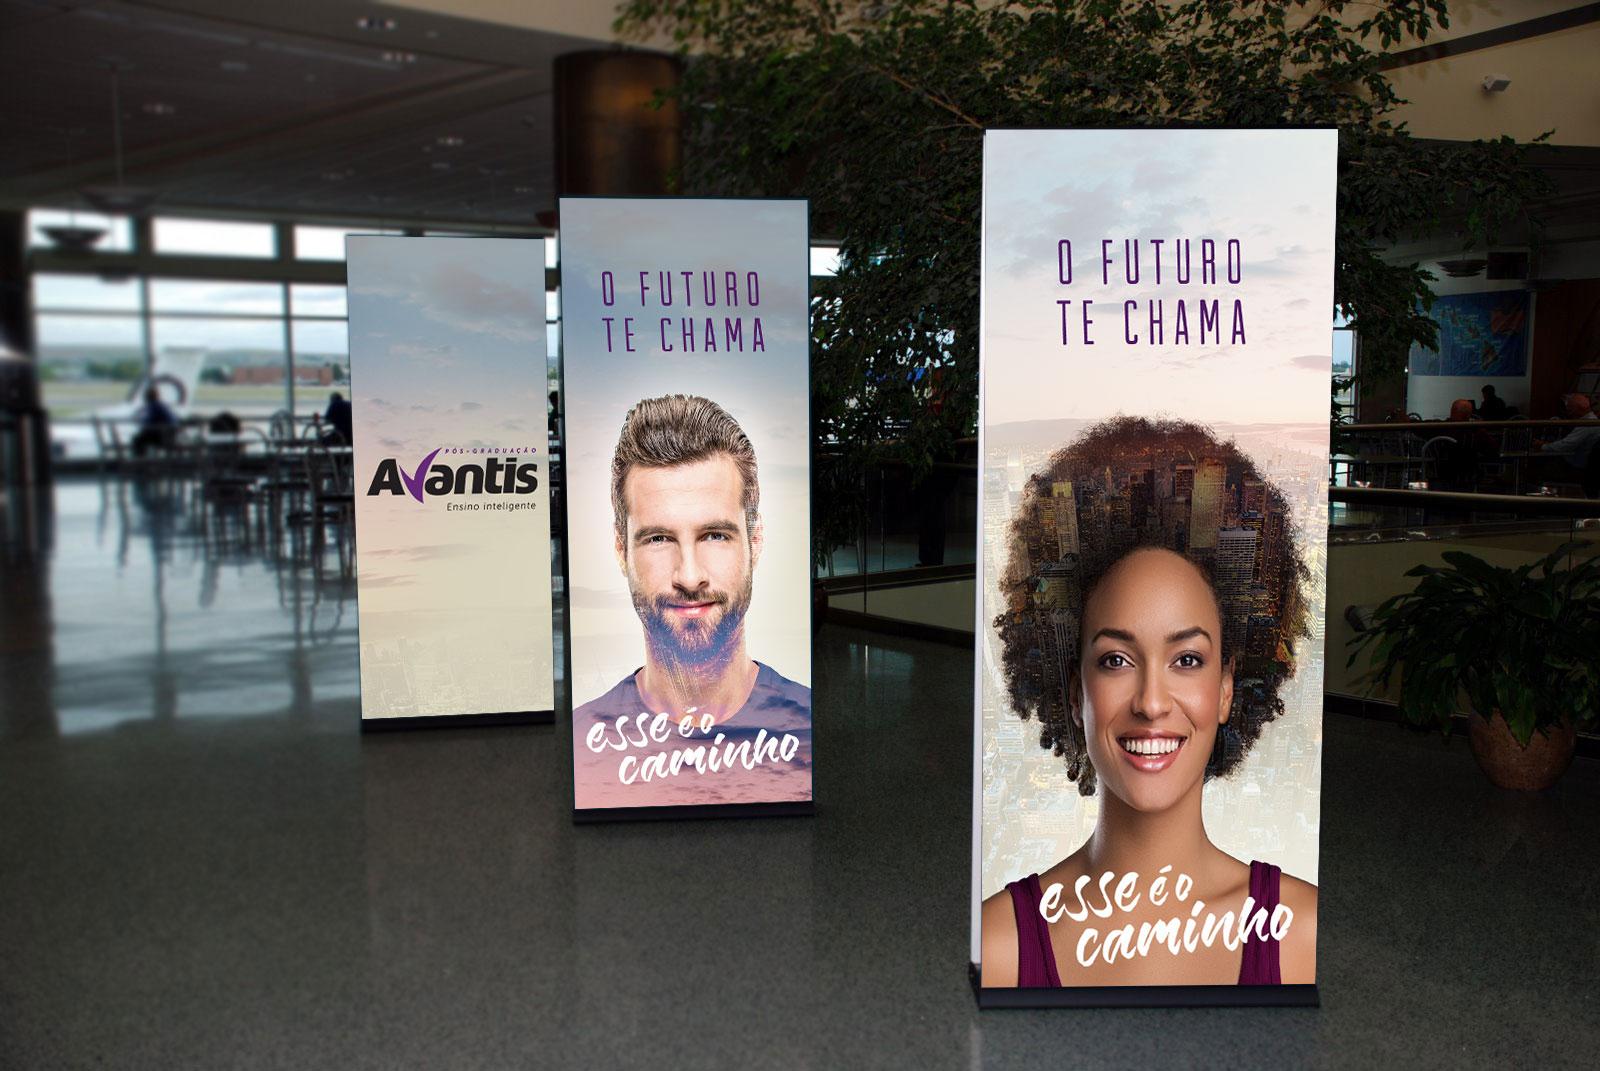 Inteligencia Marketing - Campanha Pós-Graduação Avantis 2017 - shopping